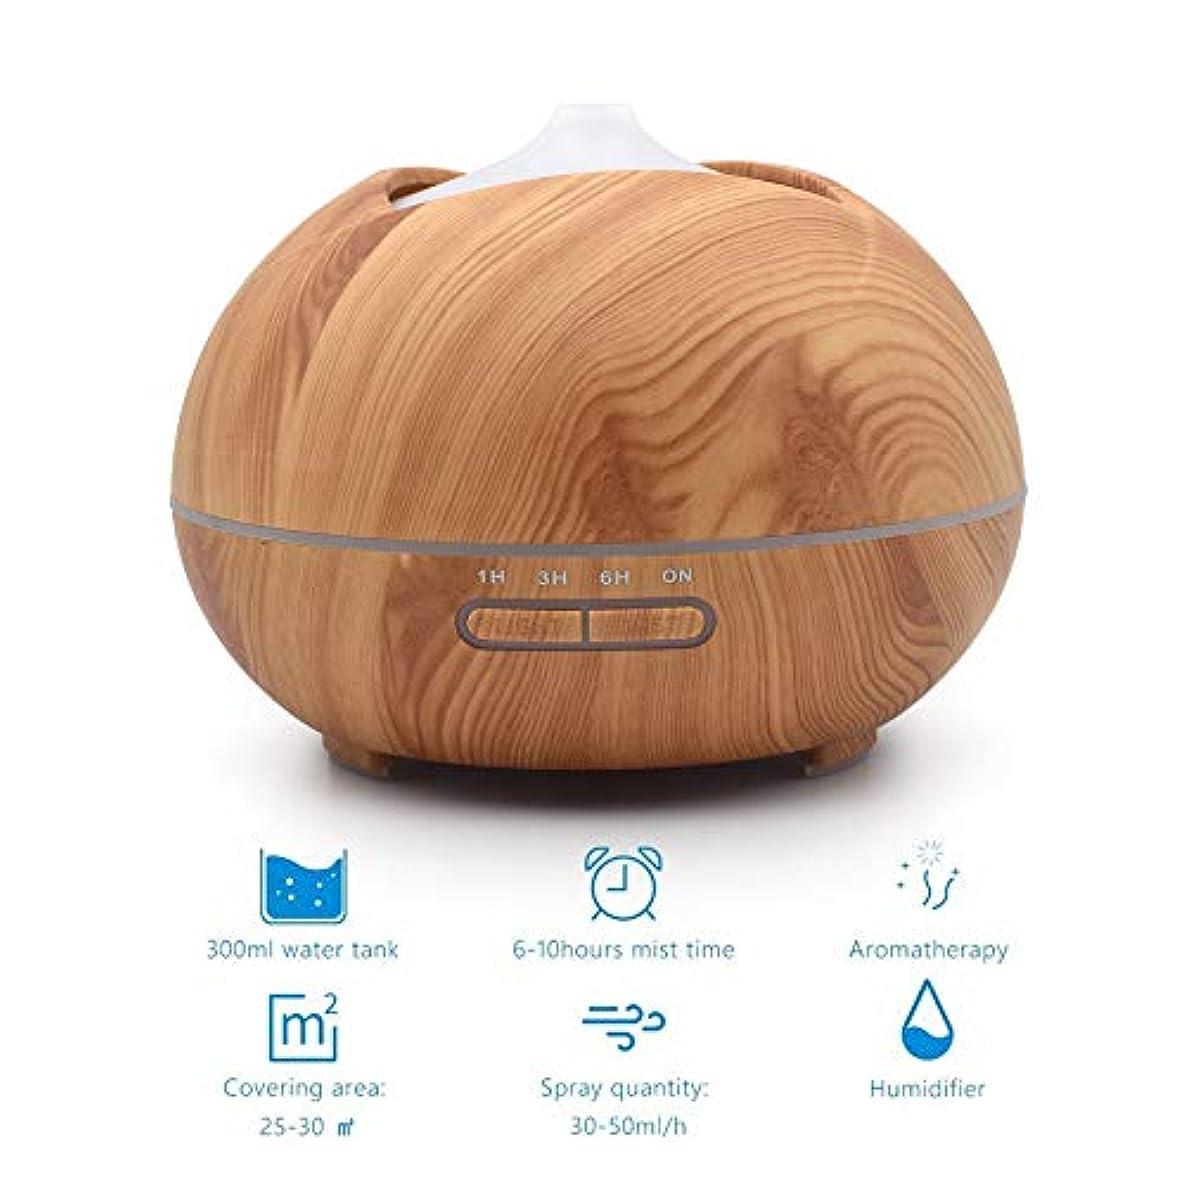 蒸気脅威調和のとれた木目クールミスト加湿器、500ミリリットルアロマセラピーディフューザー付き2ミストモードささやき静かな加湿器用寝室、ホーム、オフィス,lightwoodgrain